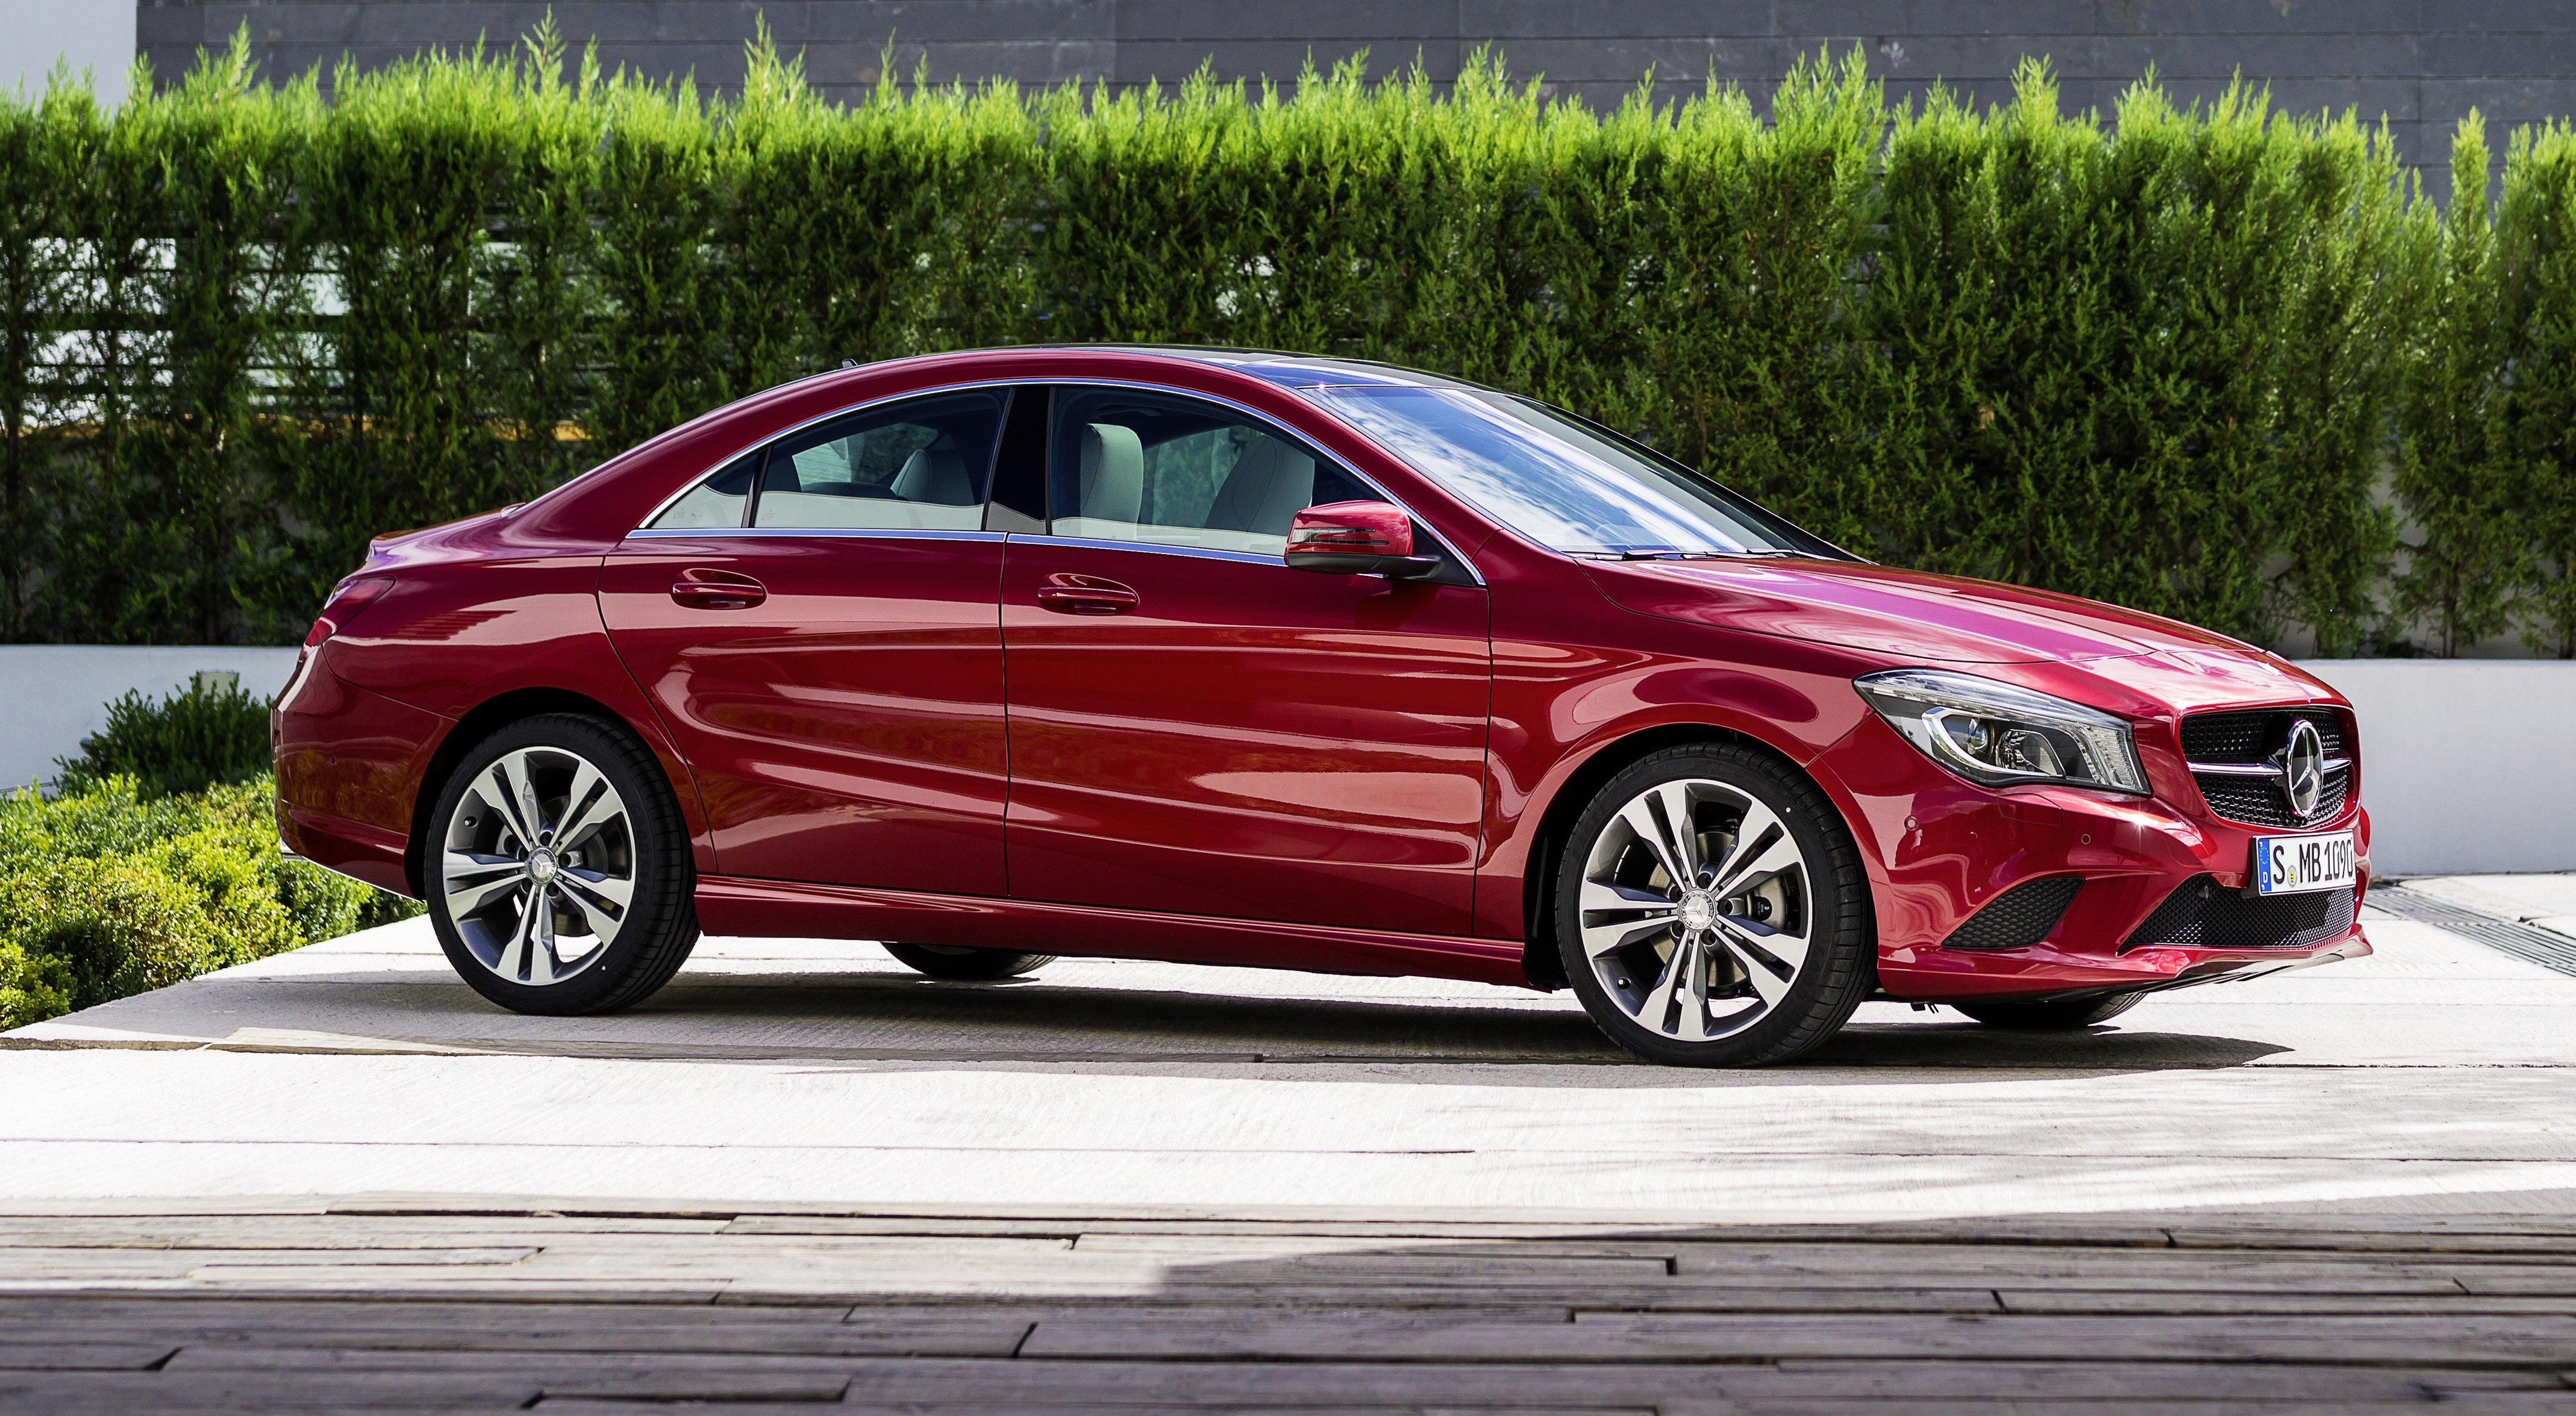 Mercedes Benz Cla >> New Mercedes-Benz CLA-Class makes its debut Paul Tan - Image 149615